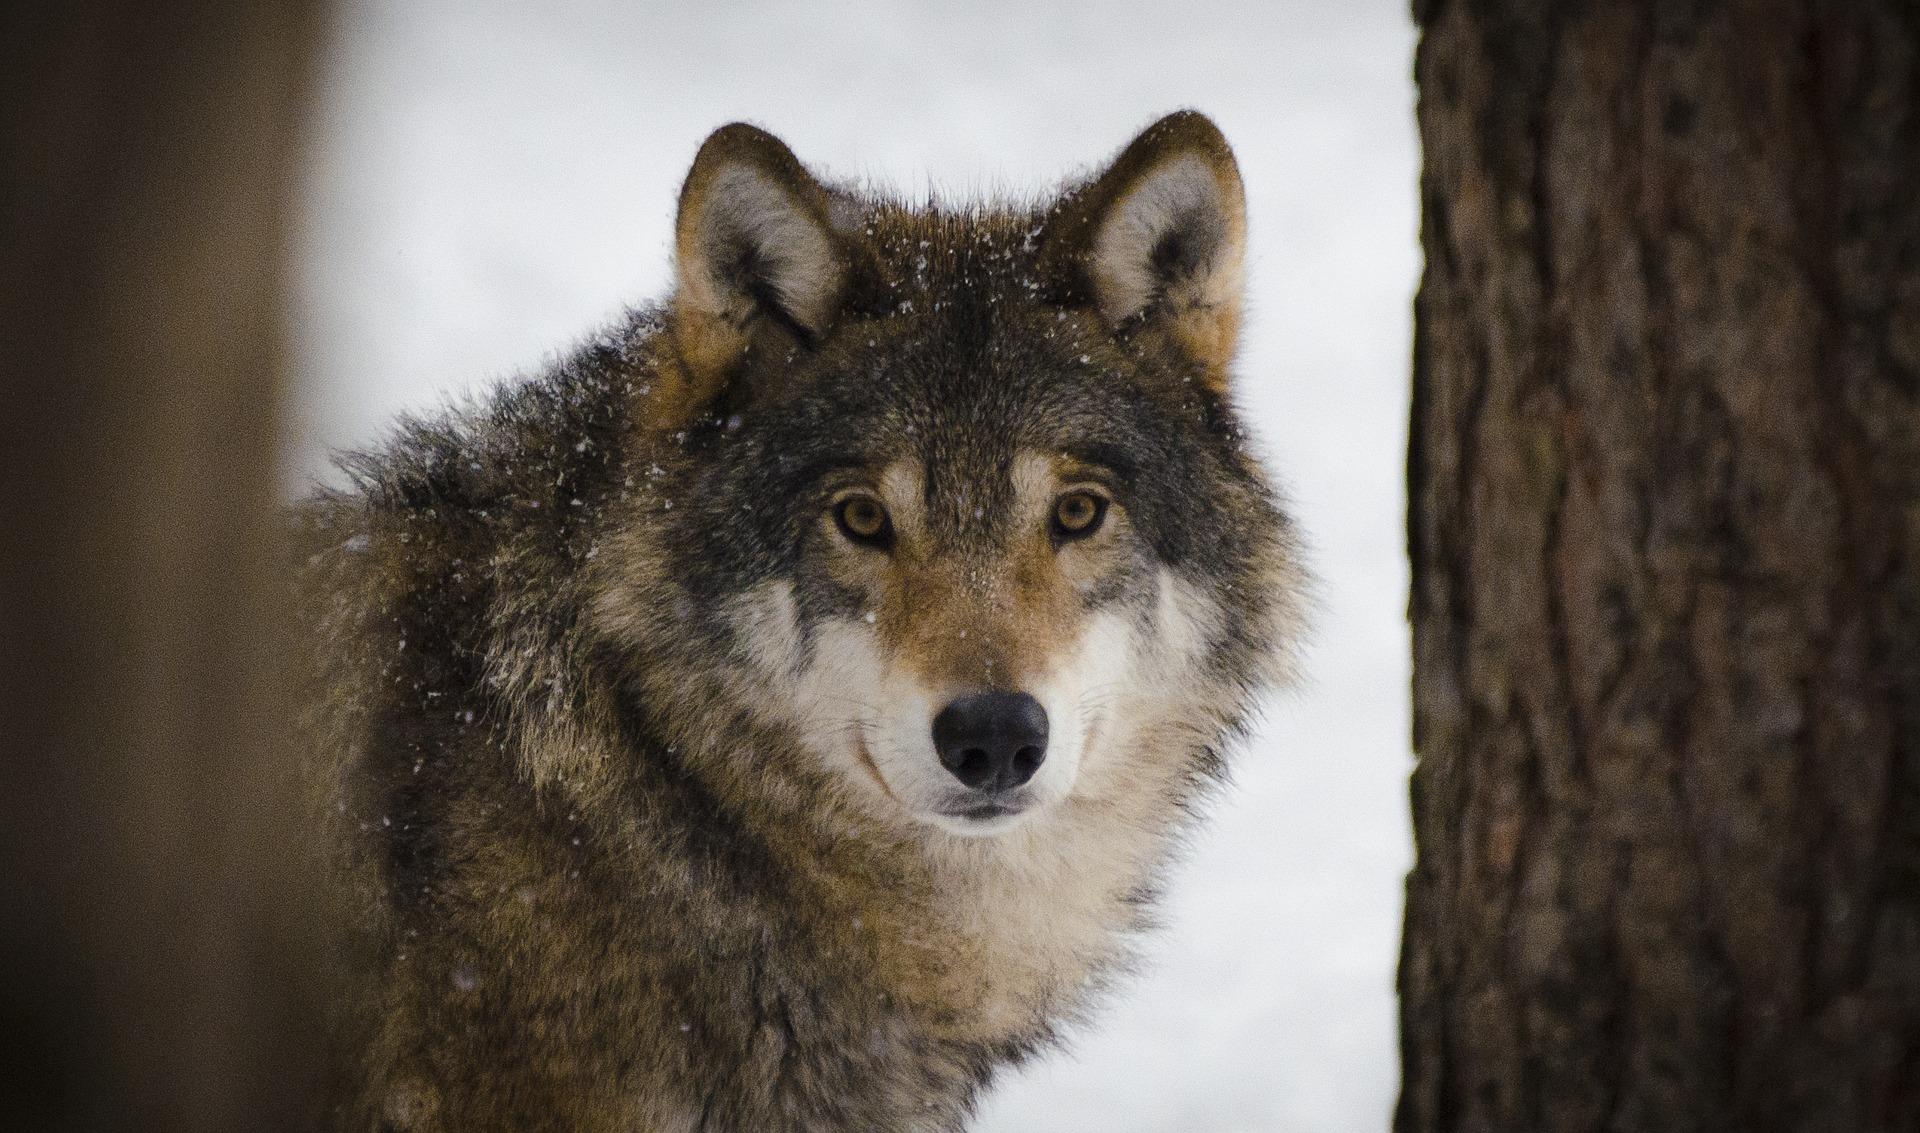 Graubünden: Neues Wolfsrudel muss vergrämt werden - WILD UND HUND